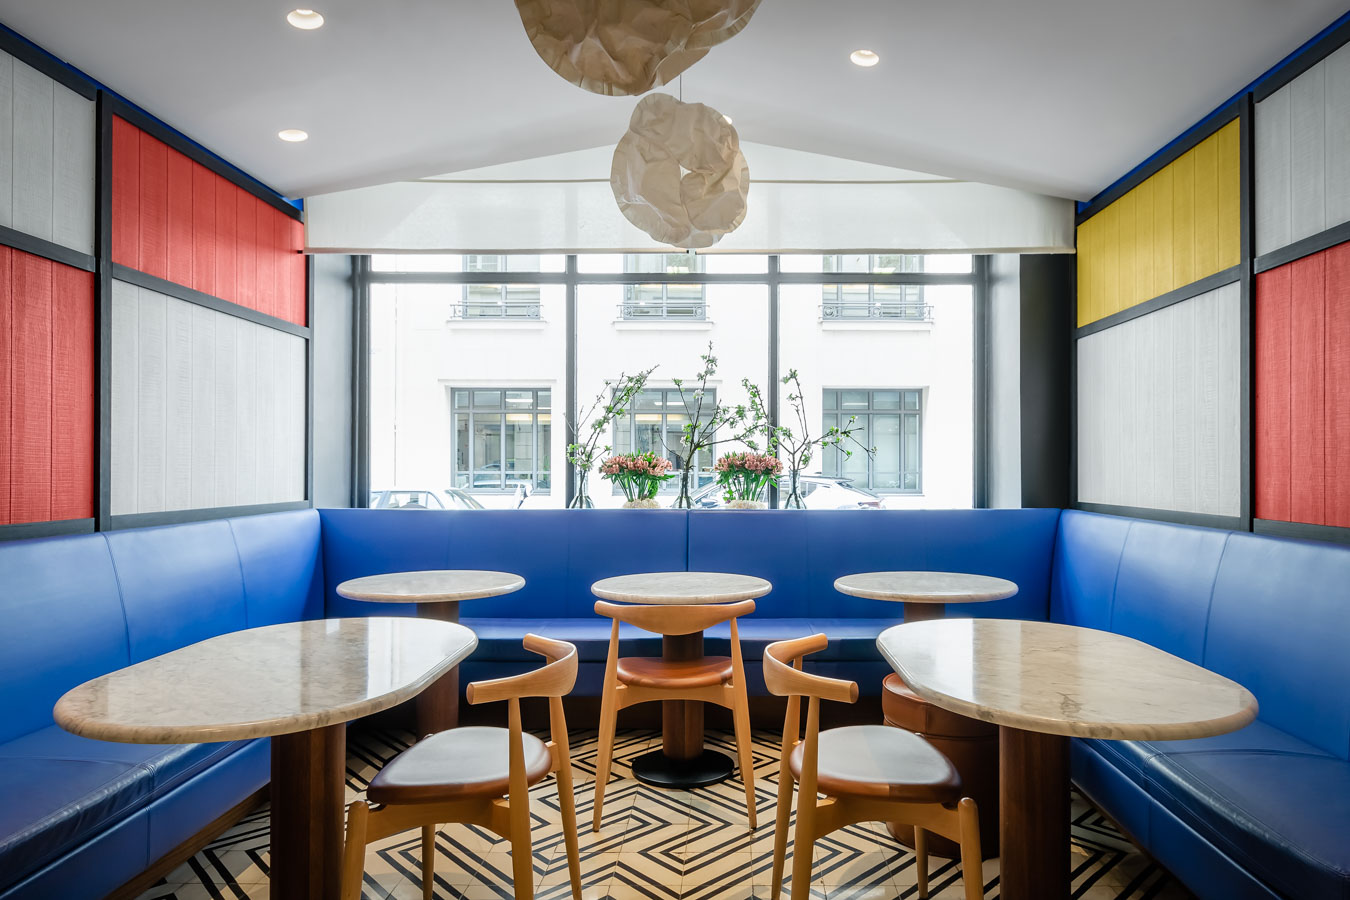 """""""Elbow Chair CH20"""", sillas diseñadas por Hans J. Werner en 1956. Las paredes están inspiradas en las pinturas neoplasticistas de Piet Mondrian. Las mesas, creadas por el estudio François Champsaur, son de diseño personalizado para el hotel con marmol de la casa Carrara. Los sillones y taburetes de cuero también son un diseño personalizado."""